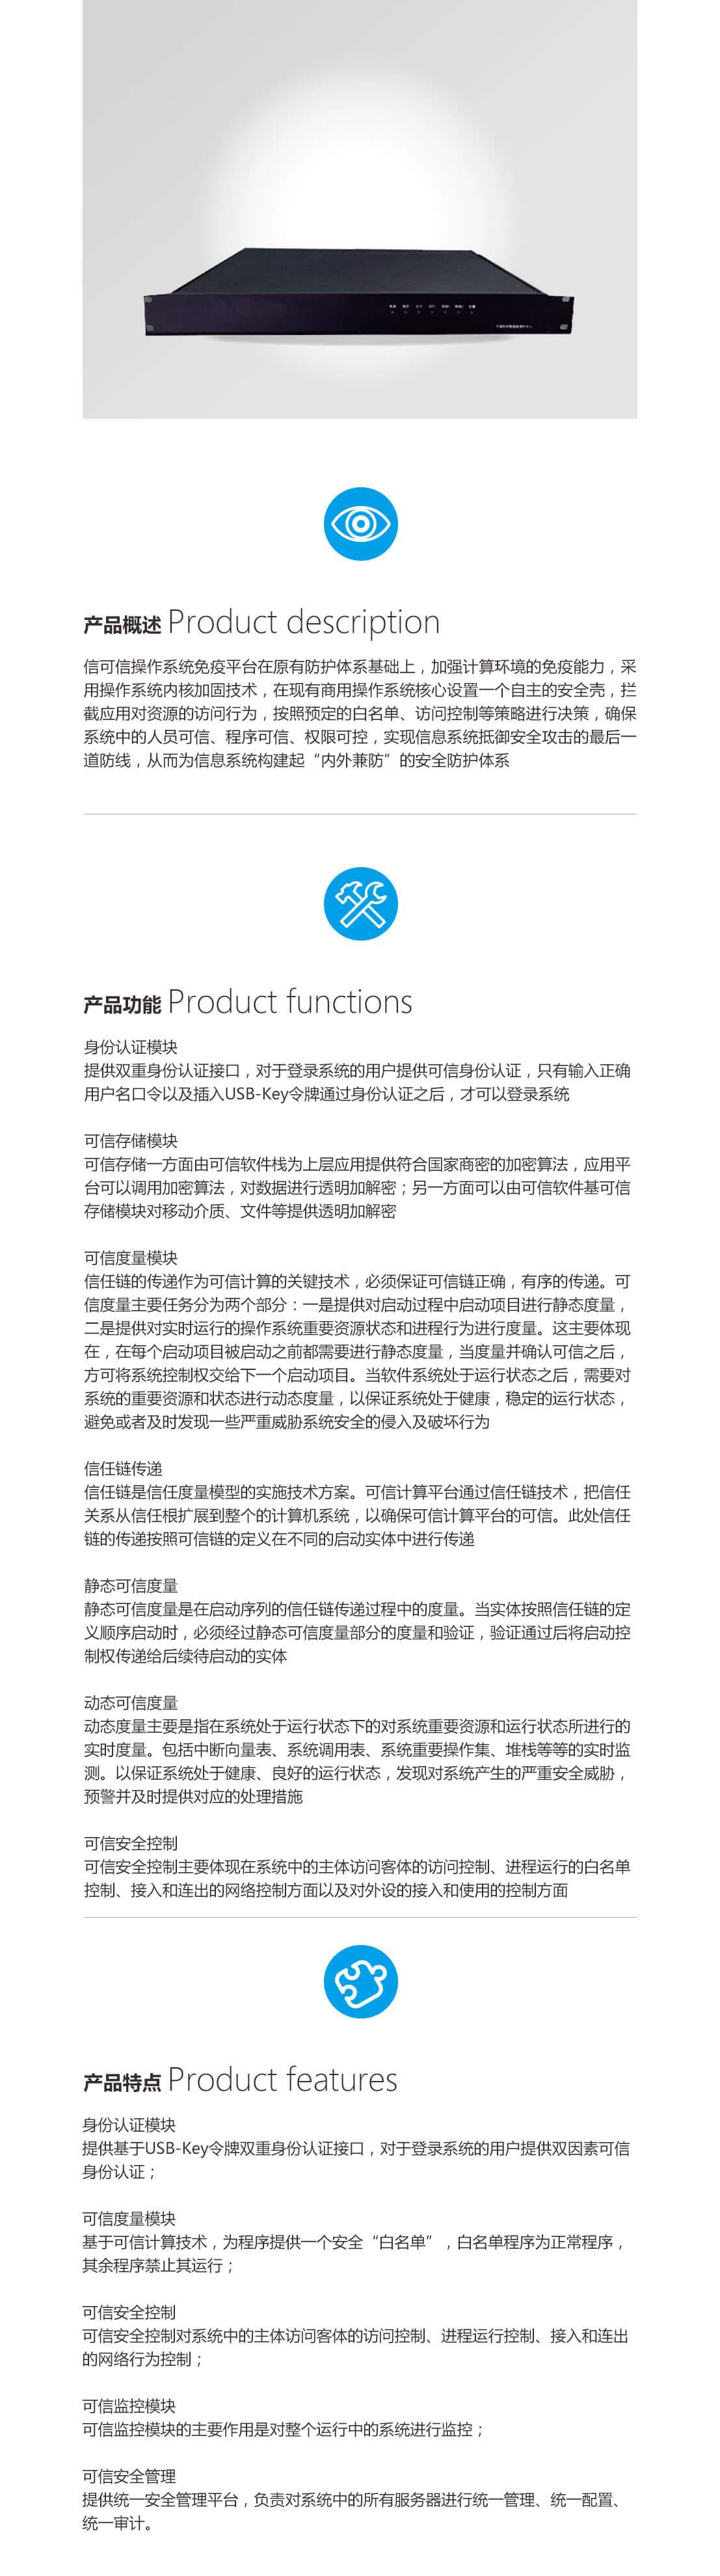 信可信操作系统免疫平台.jpg